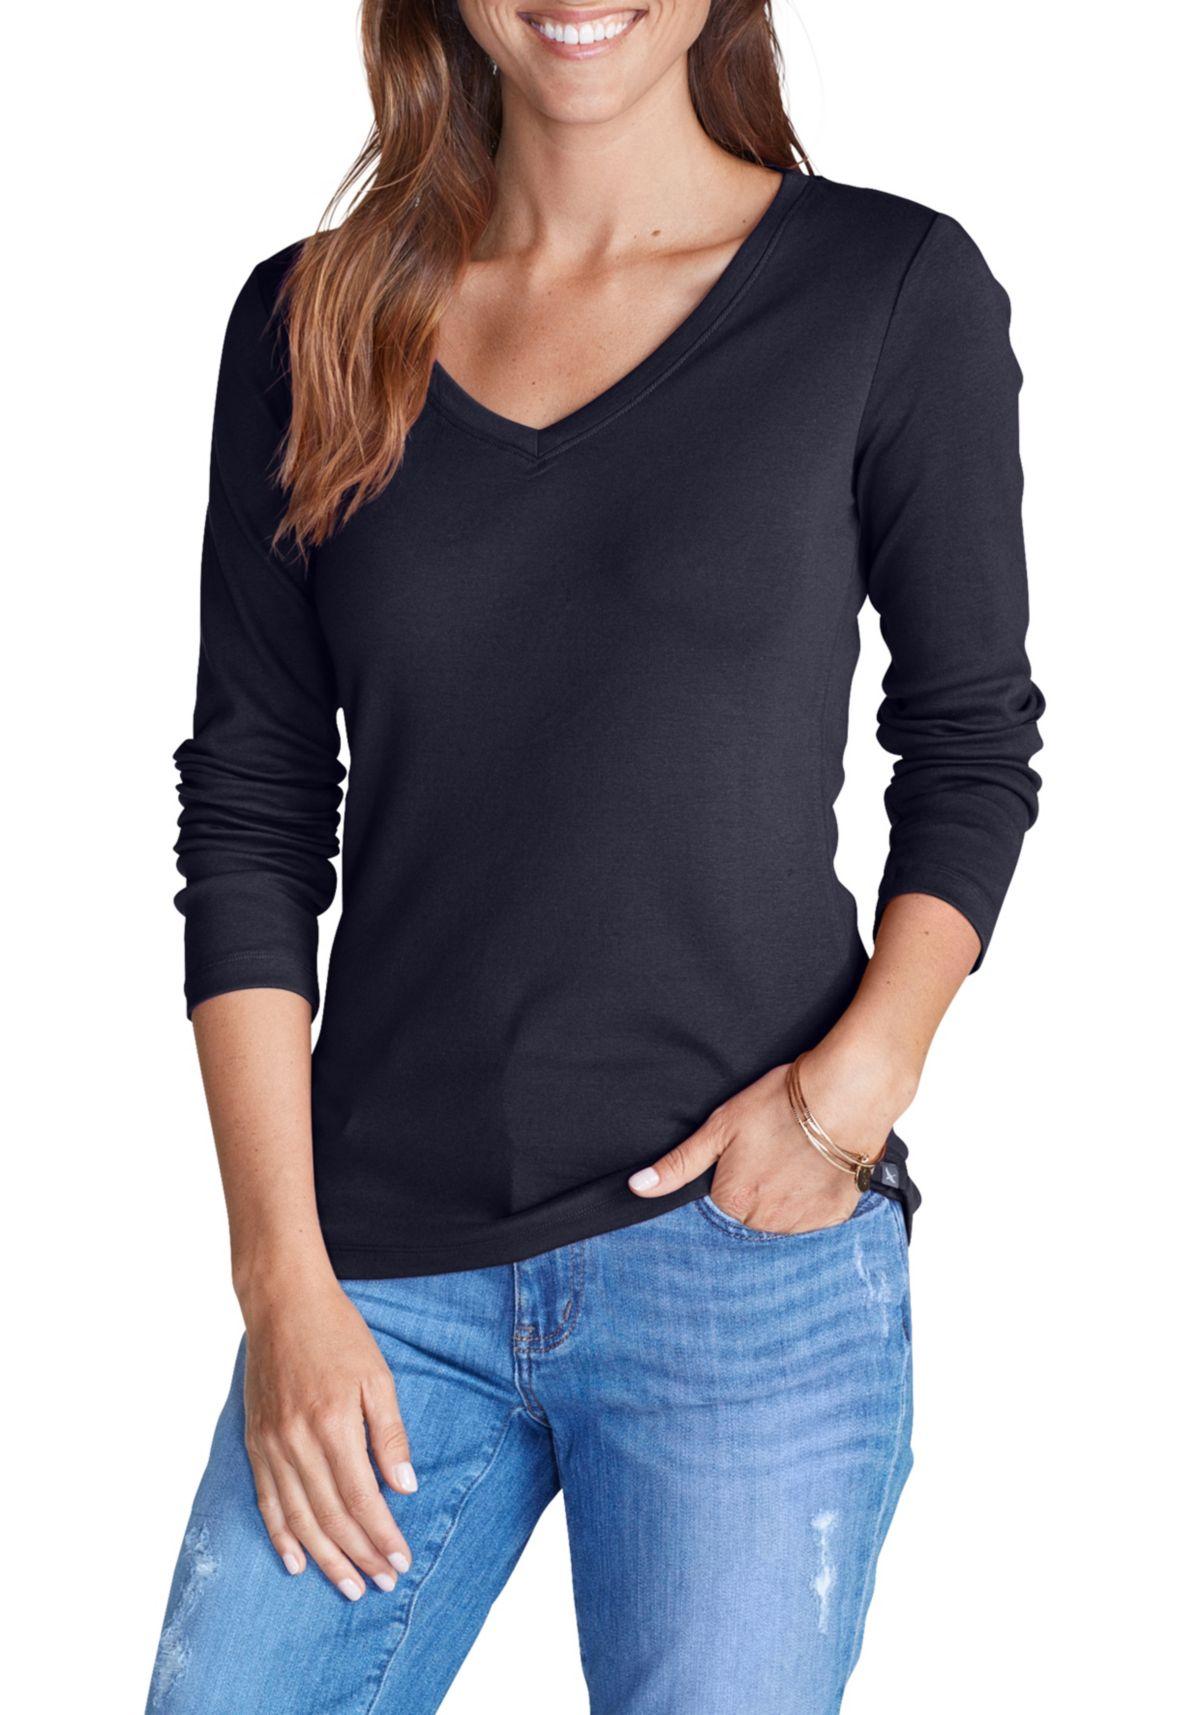 Eddie Bauer Favorite Shirt - Langarm mit V-Auss...